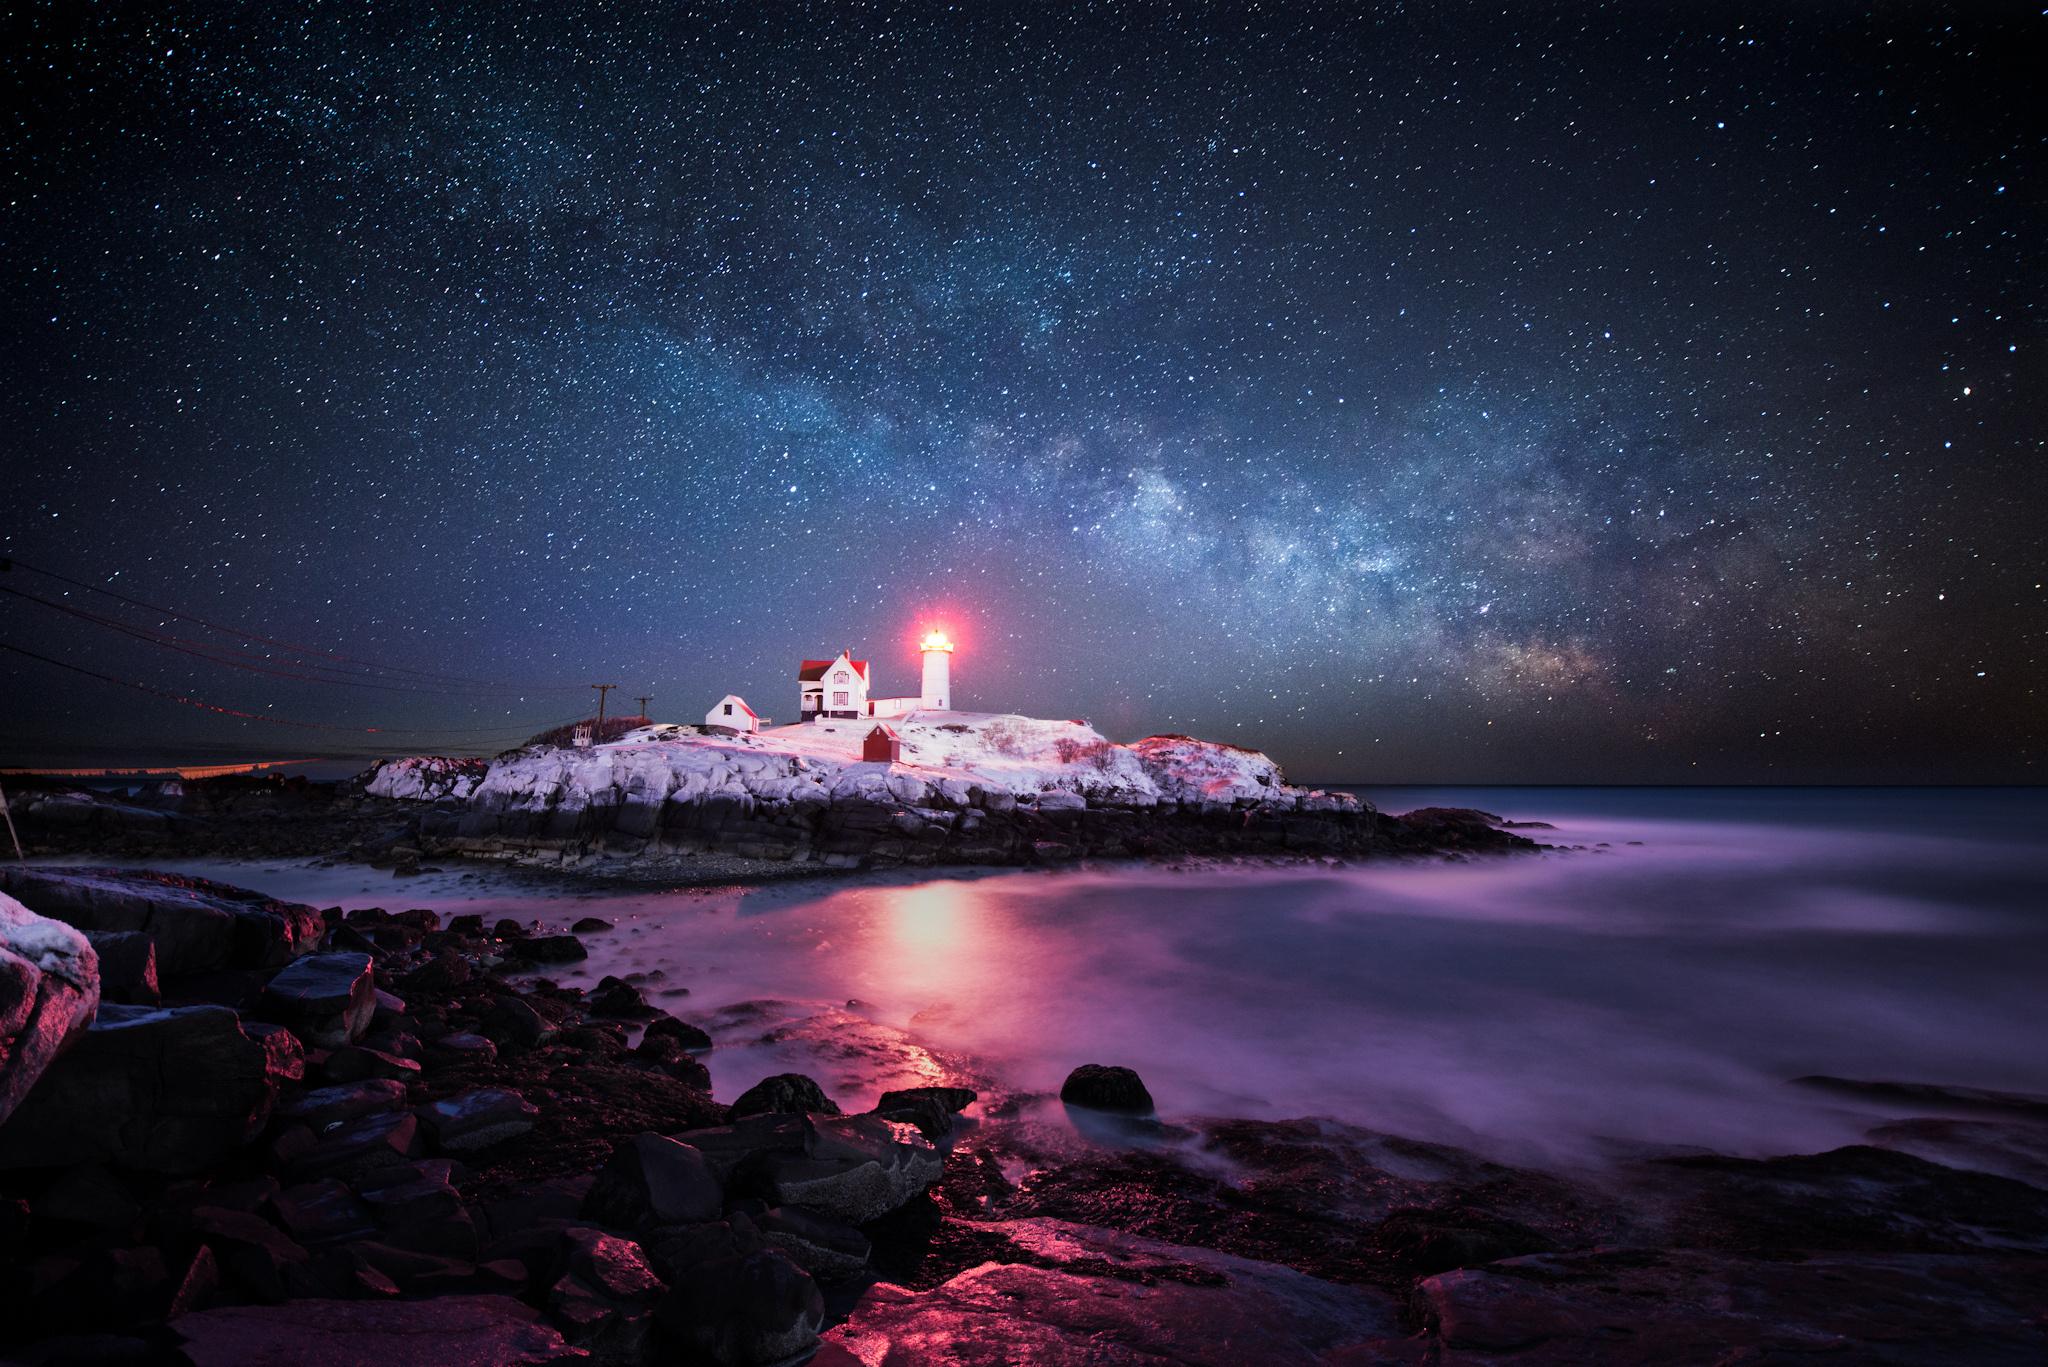 Lighthouse winter wallpaper 2048x1367 210416 WallpaperUP 2048x1367